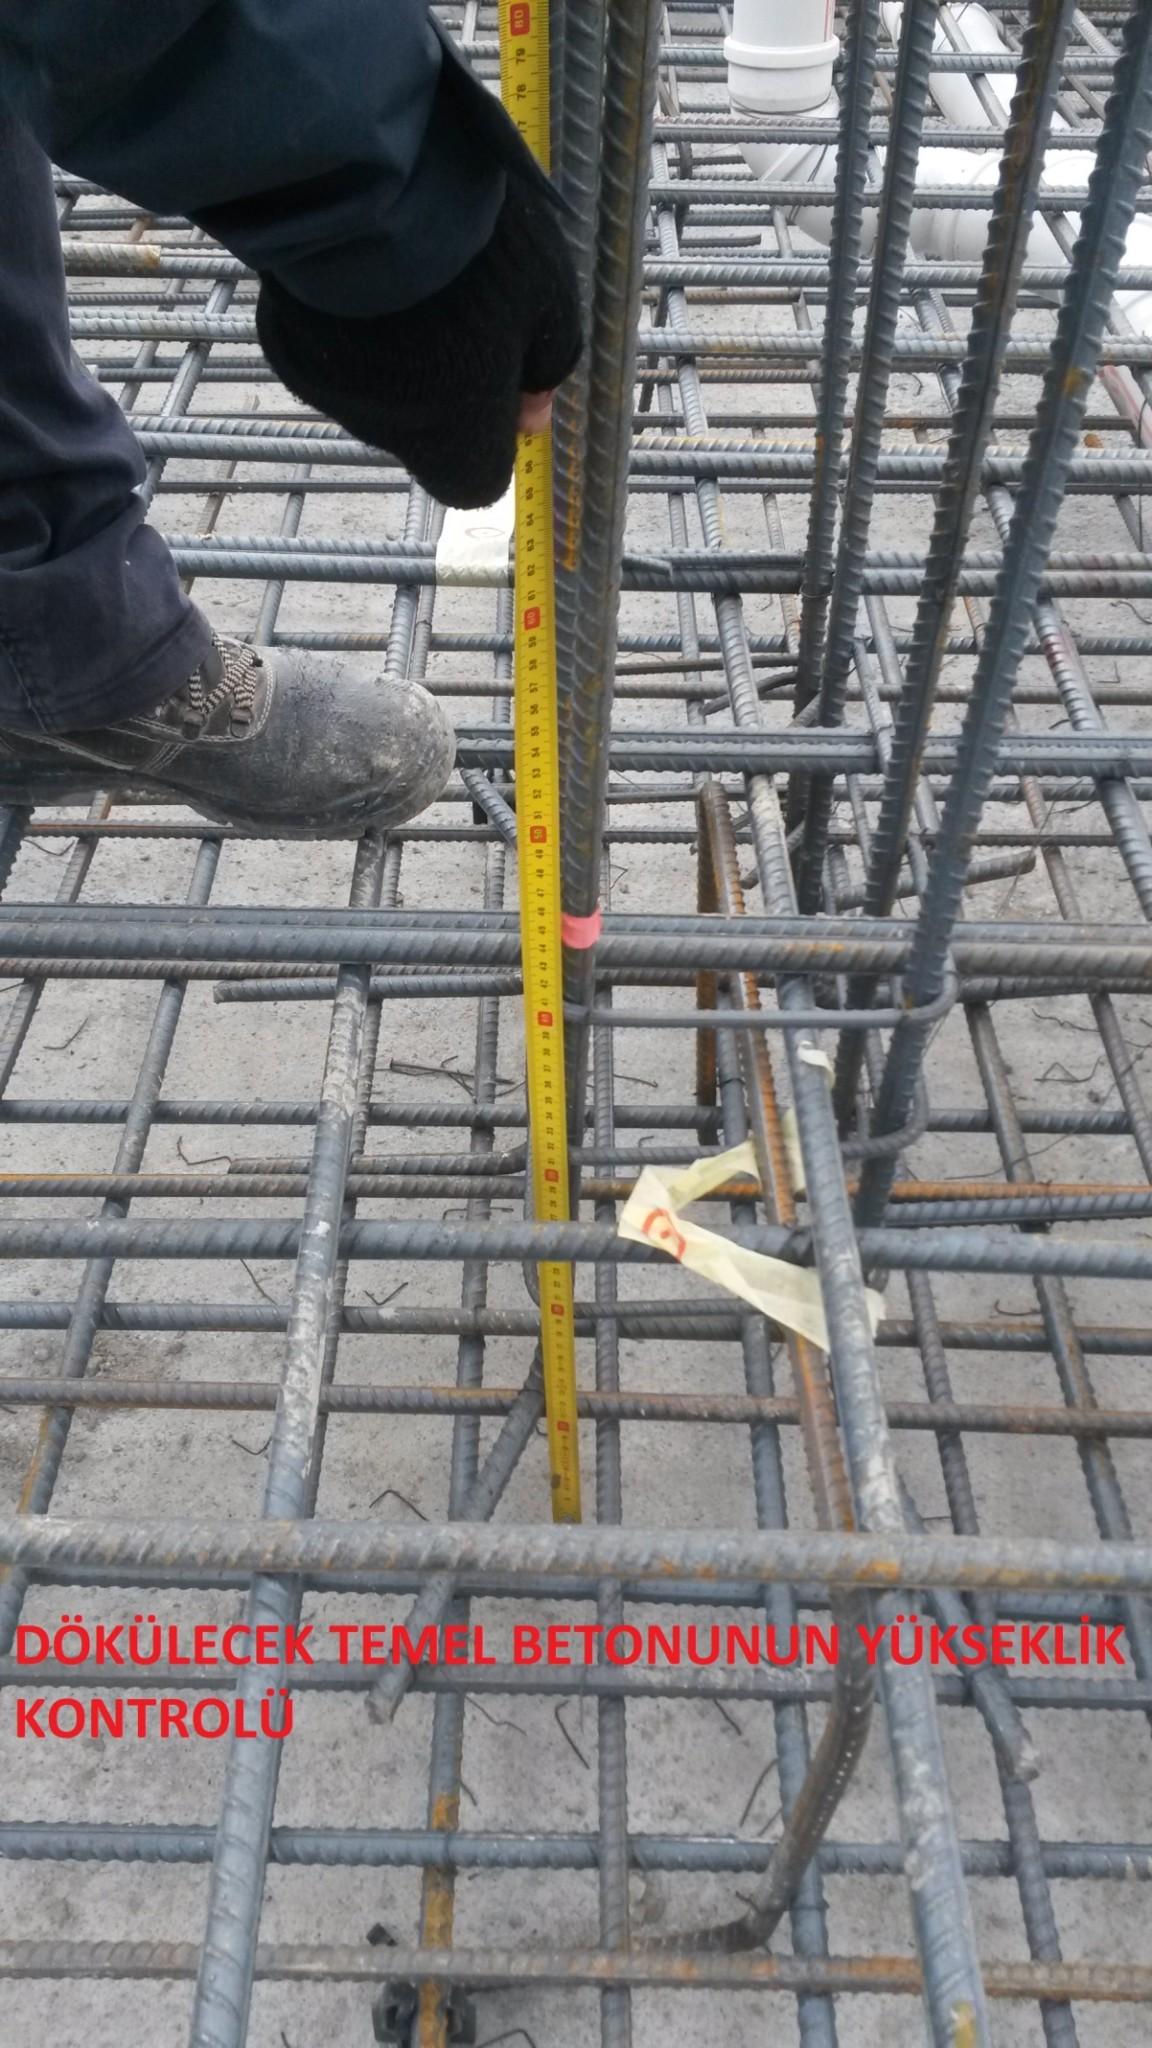 dokulecek-temel-betonunun-yukseklik-kontrolu